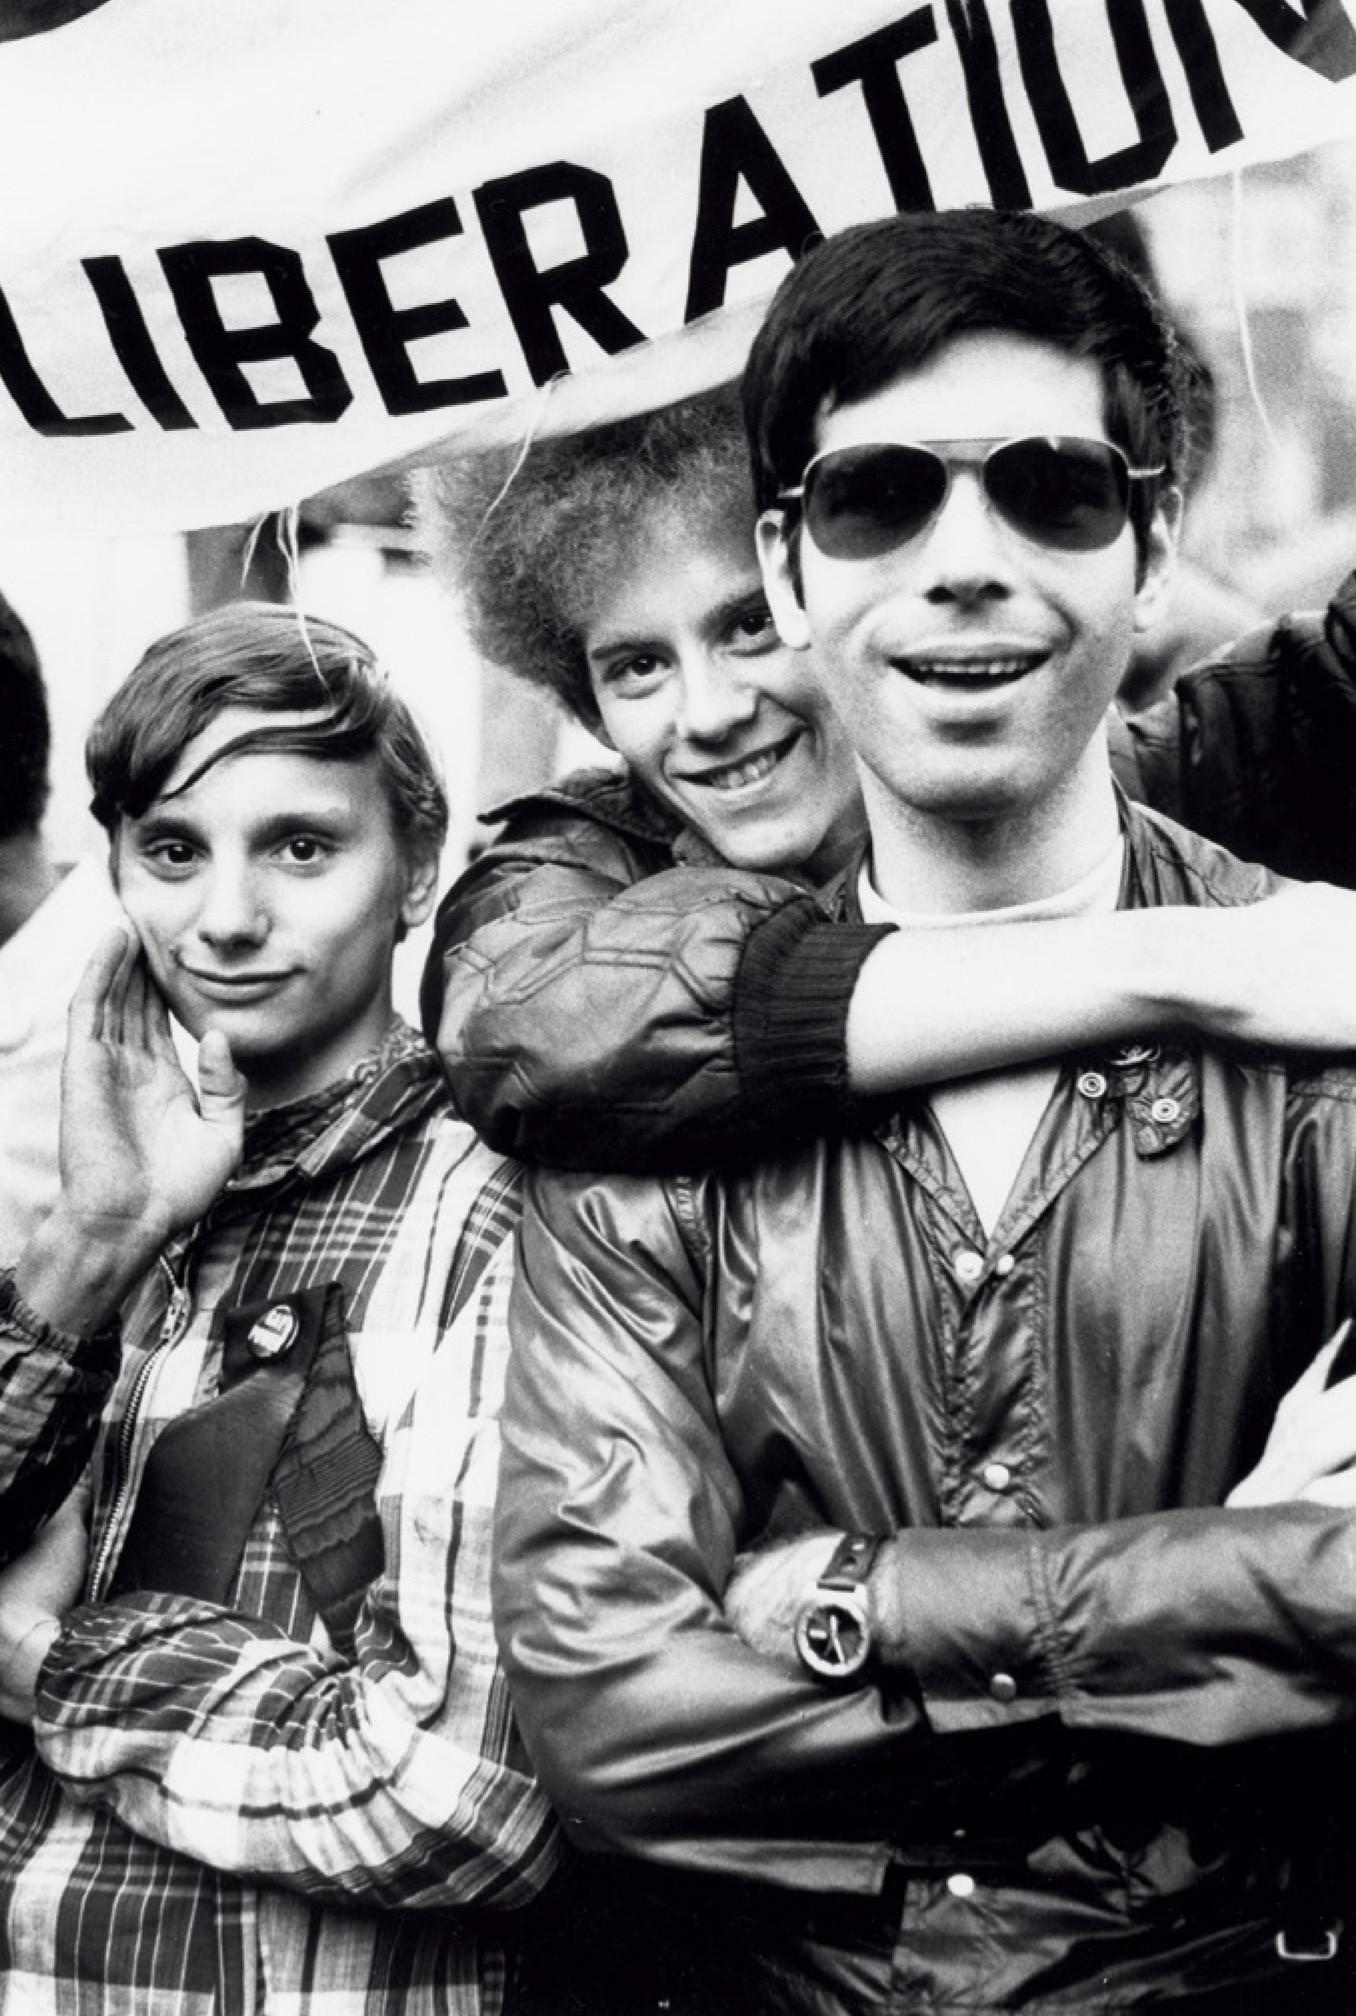 一群示威者參與紐約時代廣場的同性戀解放陣線(Gay Liberation Front)遊行,攝於1969年。(時報出版提供)